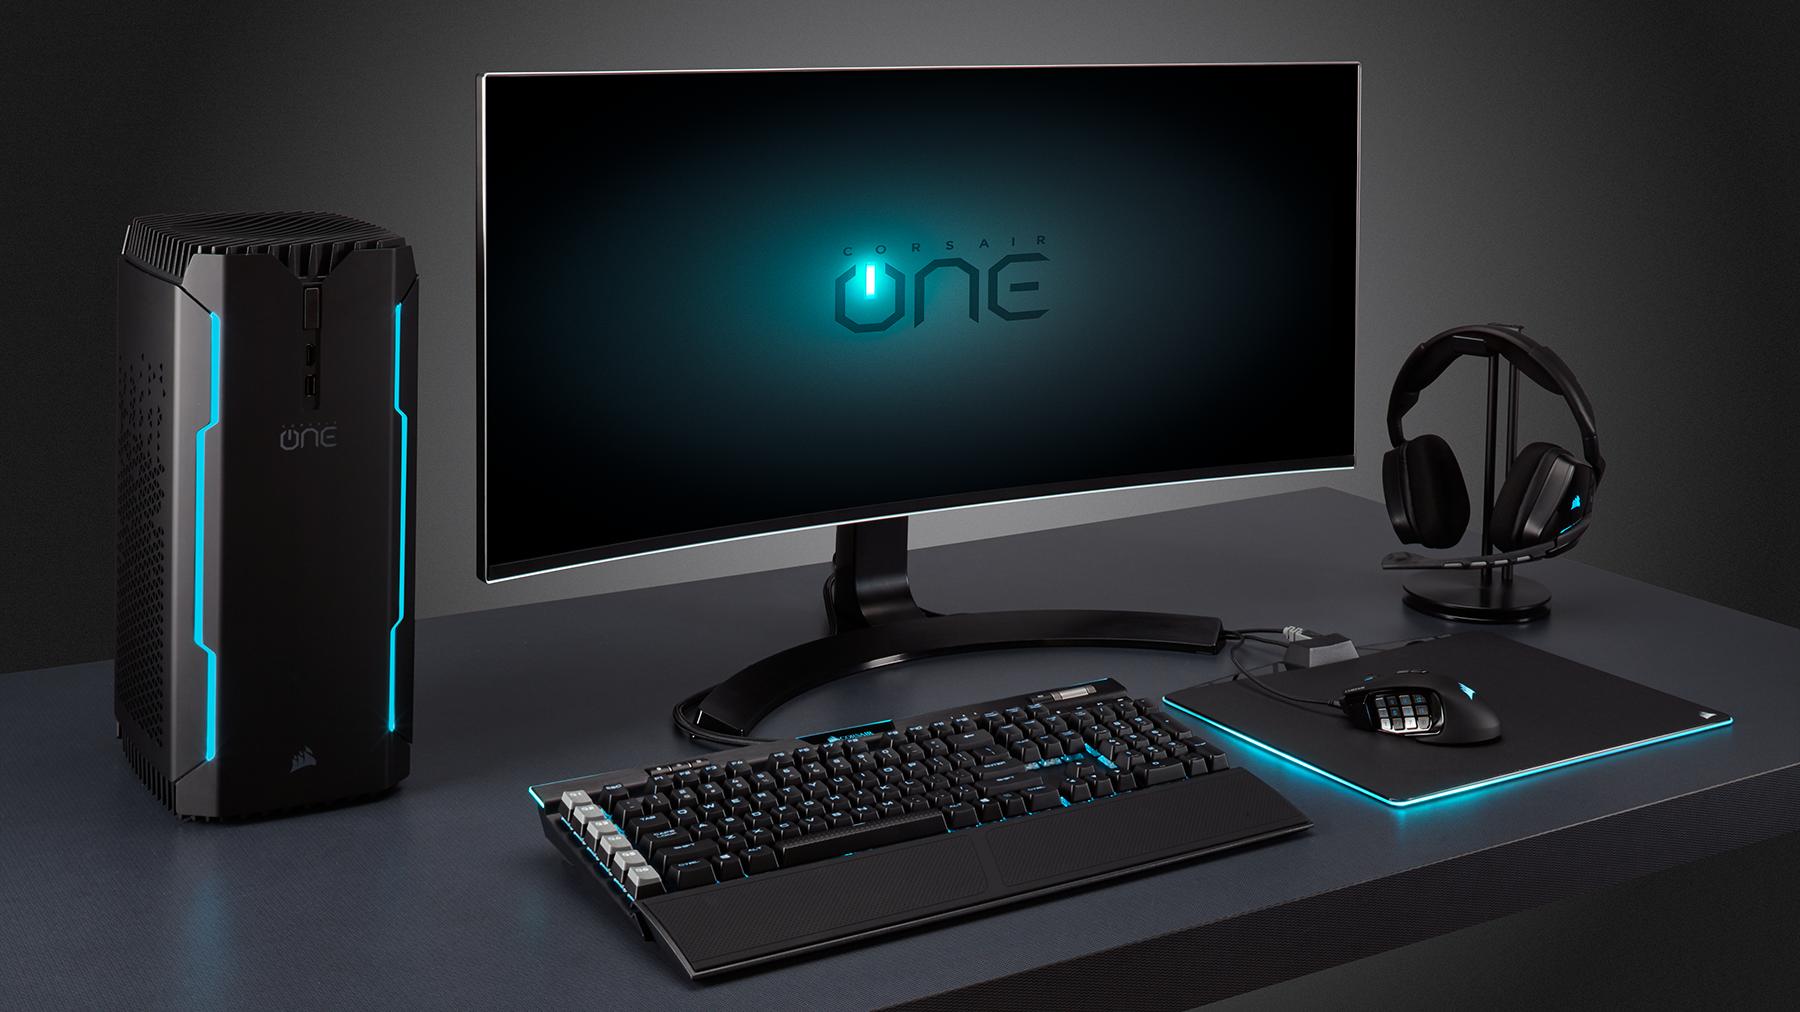 Corsairs første komplette spill-PC er en VR-klar kraftpakke